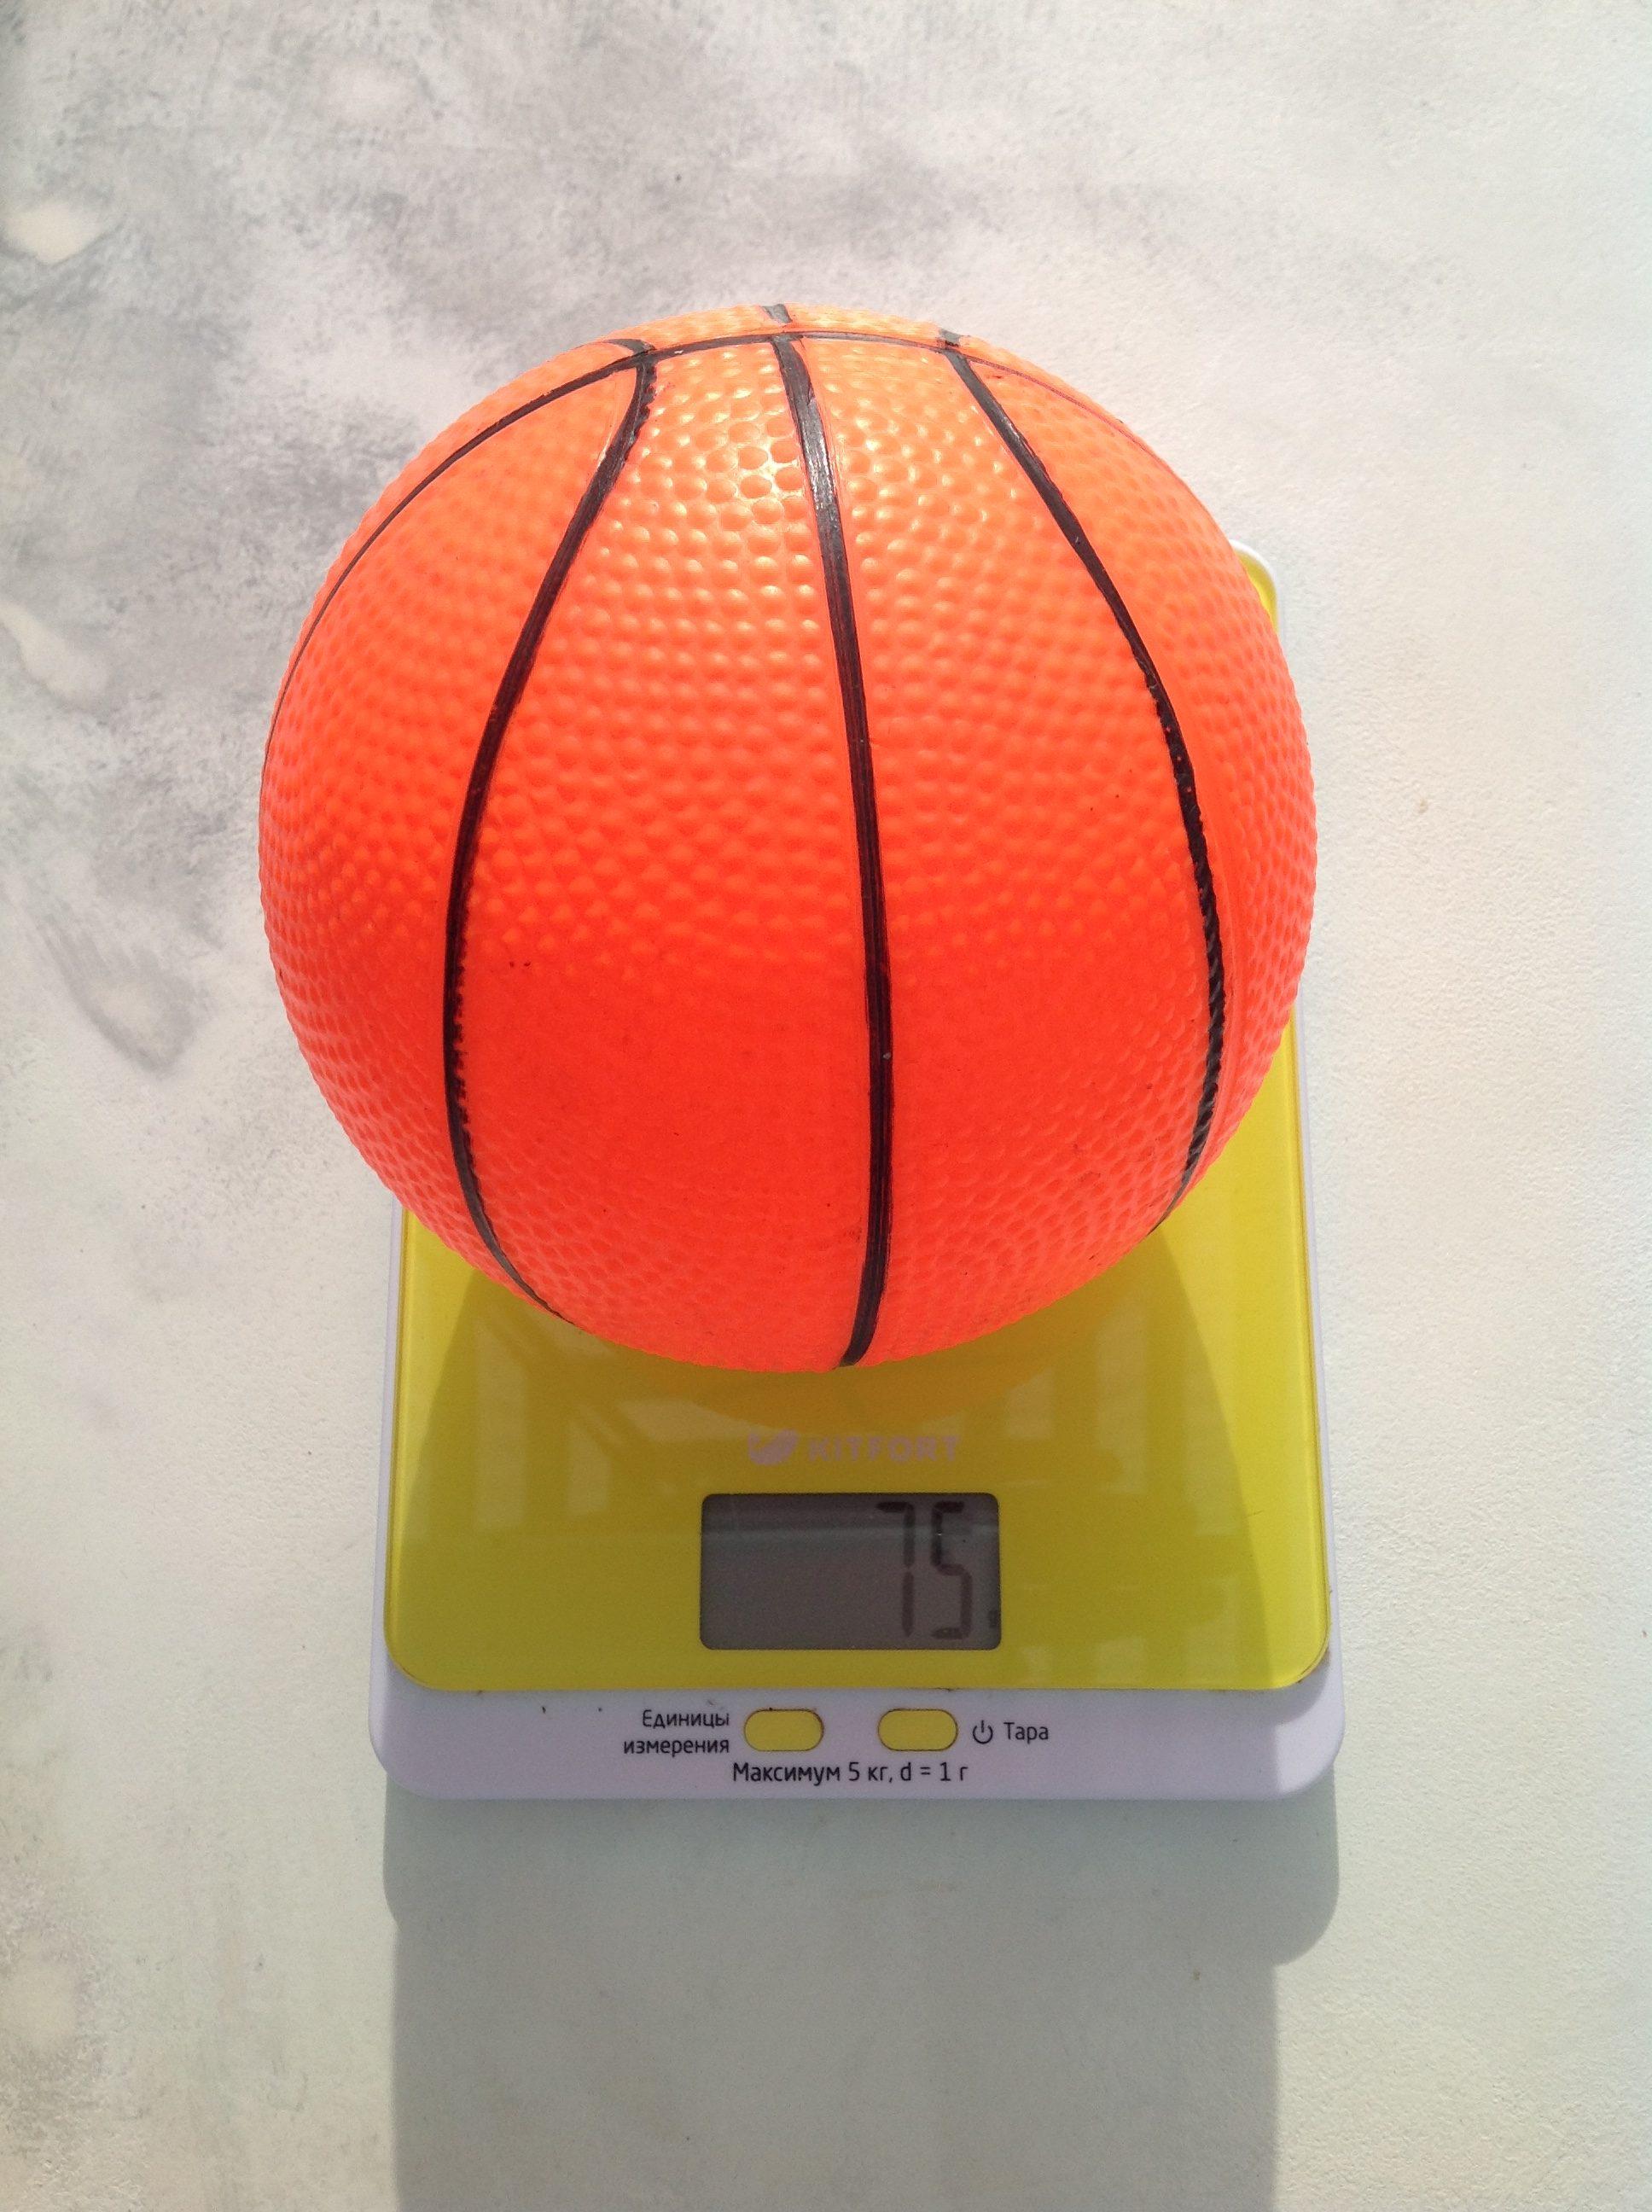 вес детского баскетбольного мяча